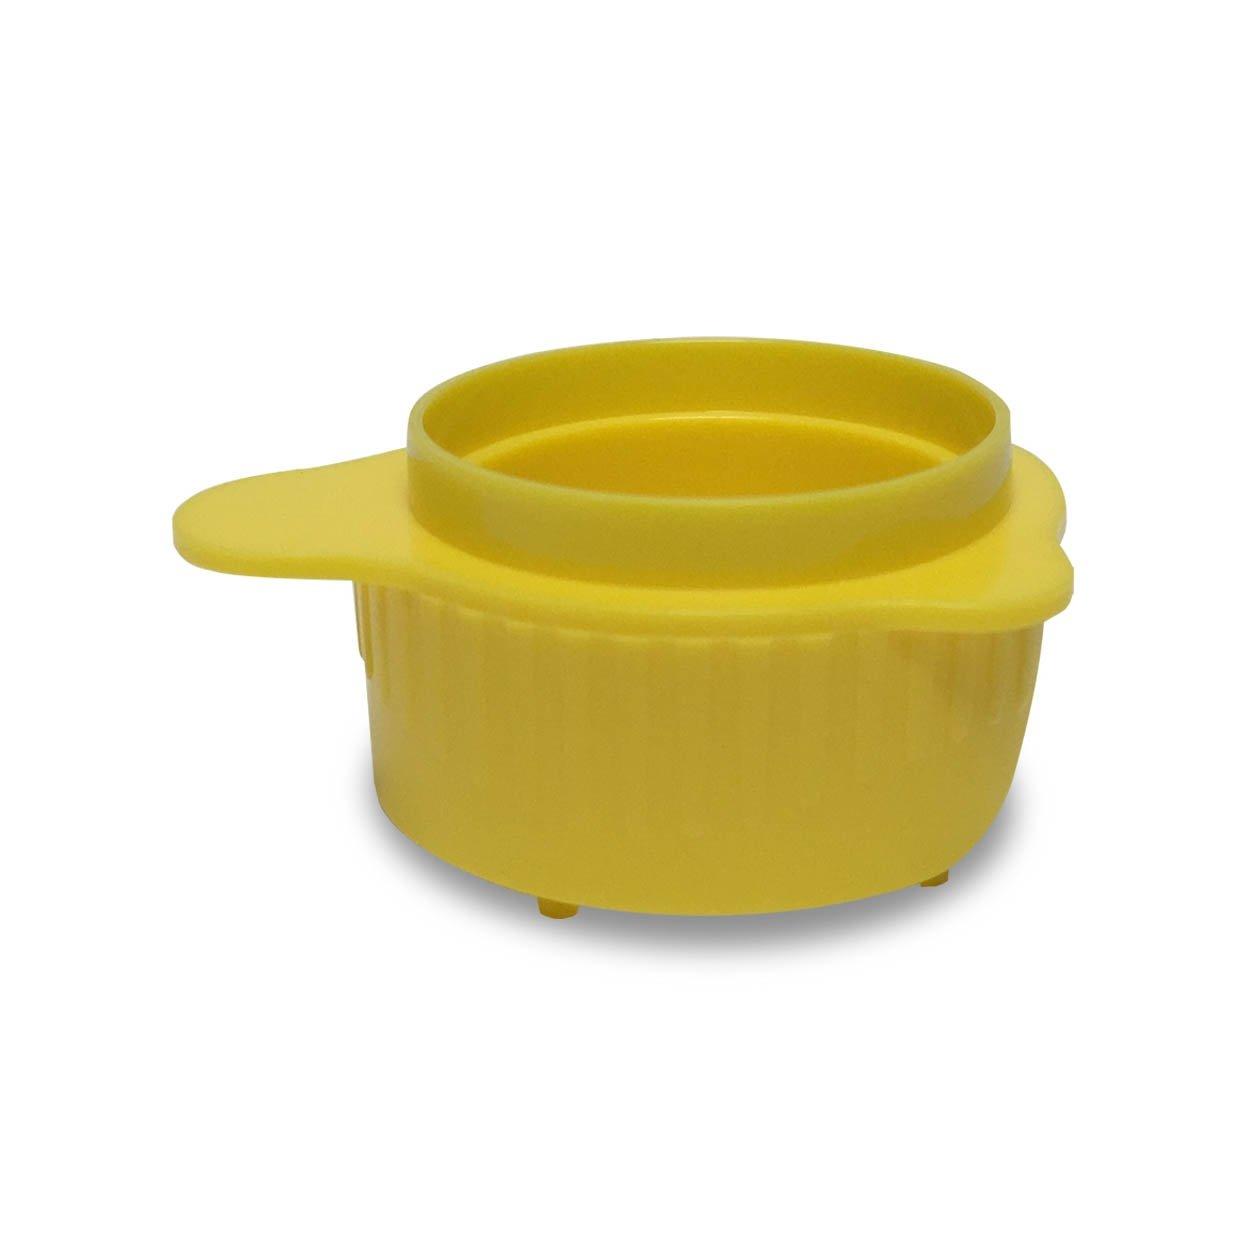 SureStrain 100um Premium Cell Strainer - Yellow (50 Strainers & 1 Reducing Adapter/Pack)